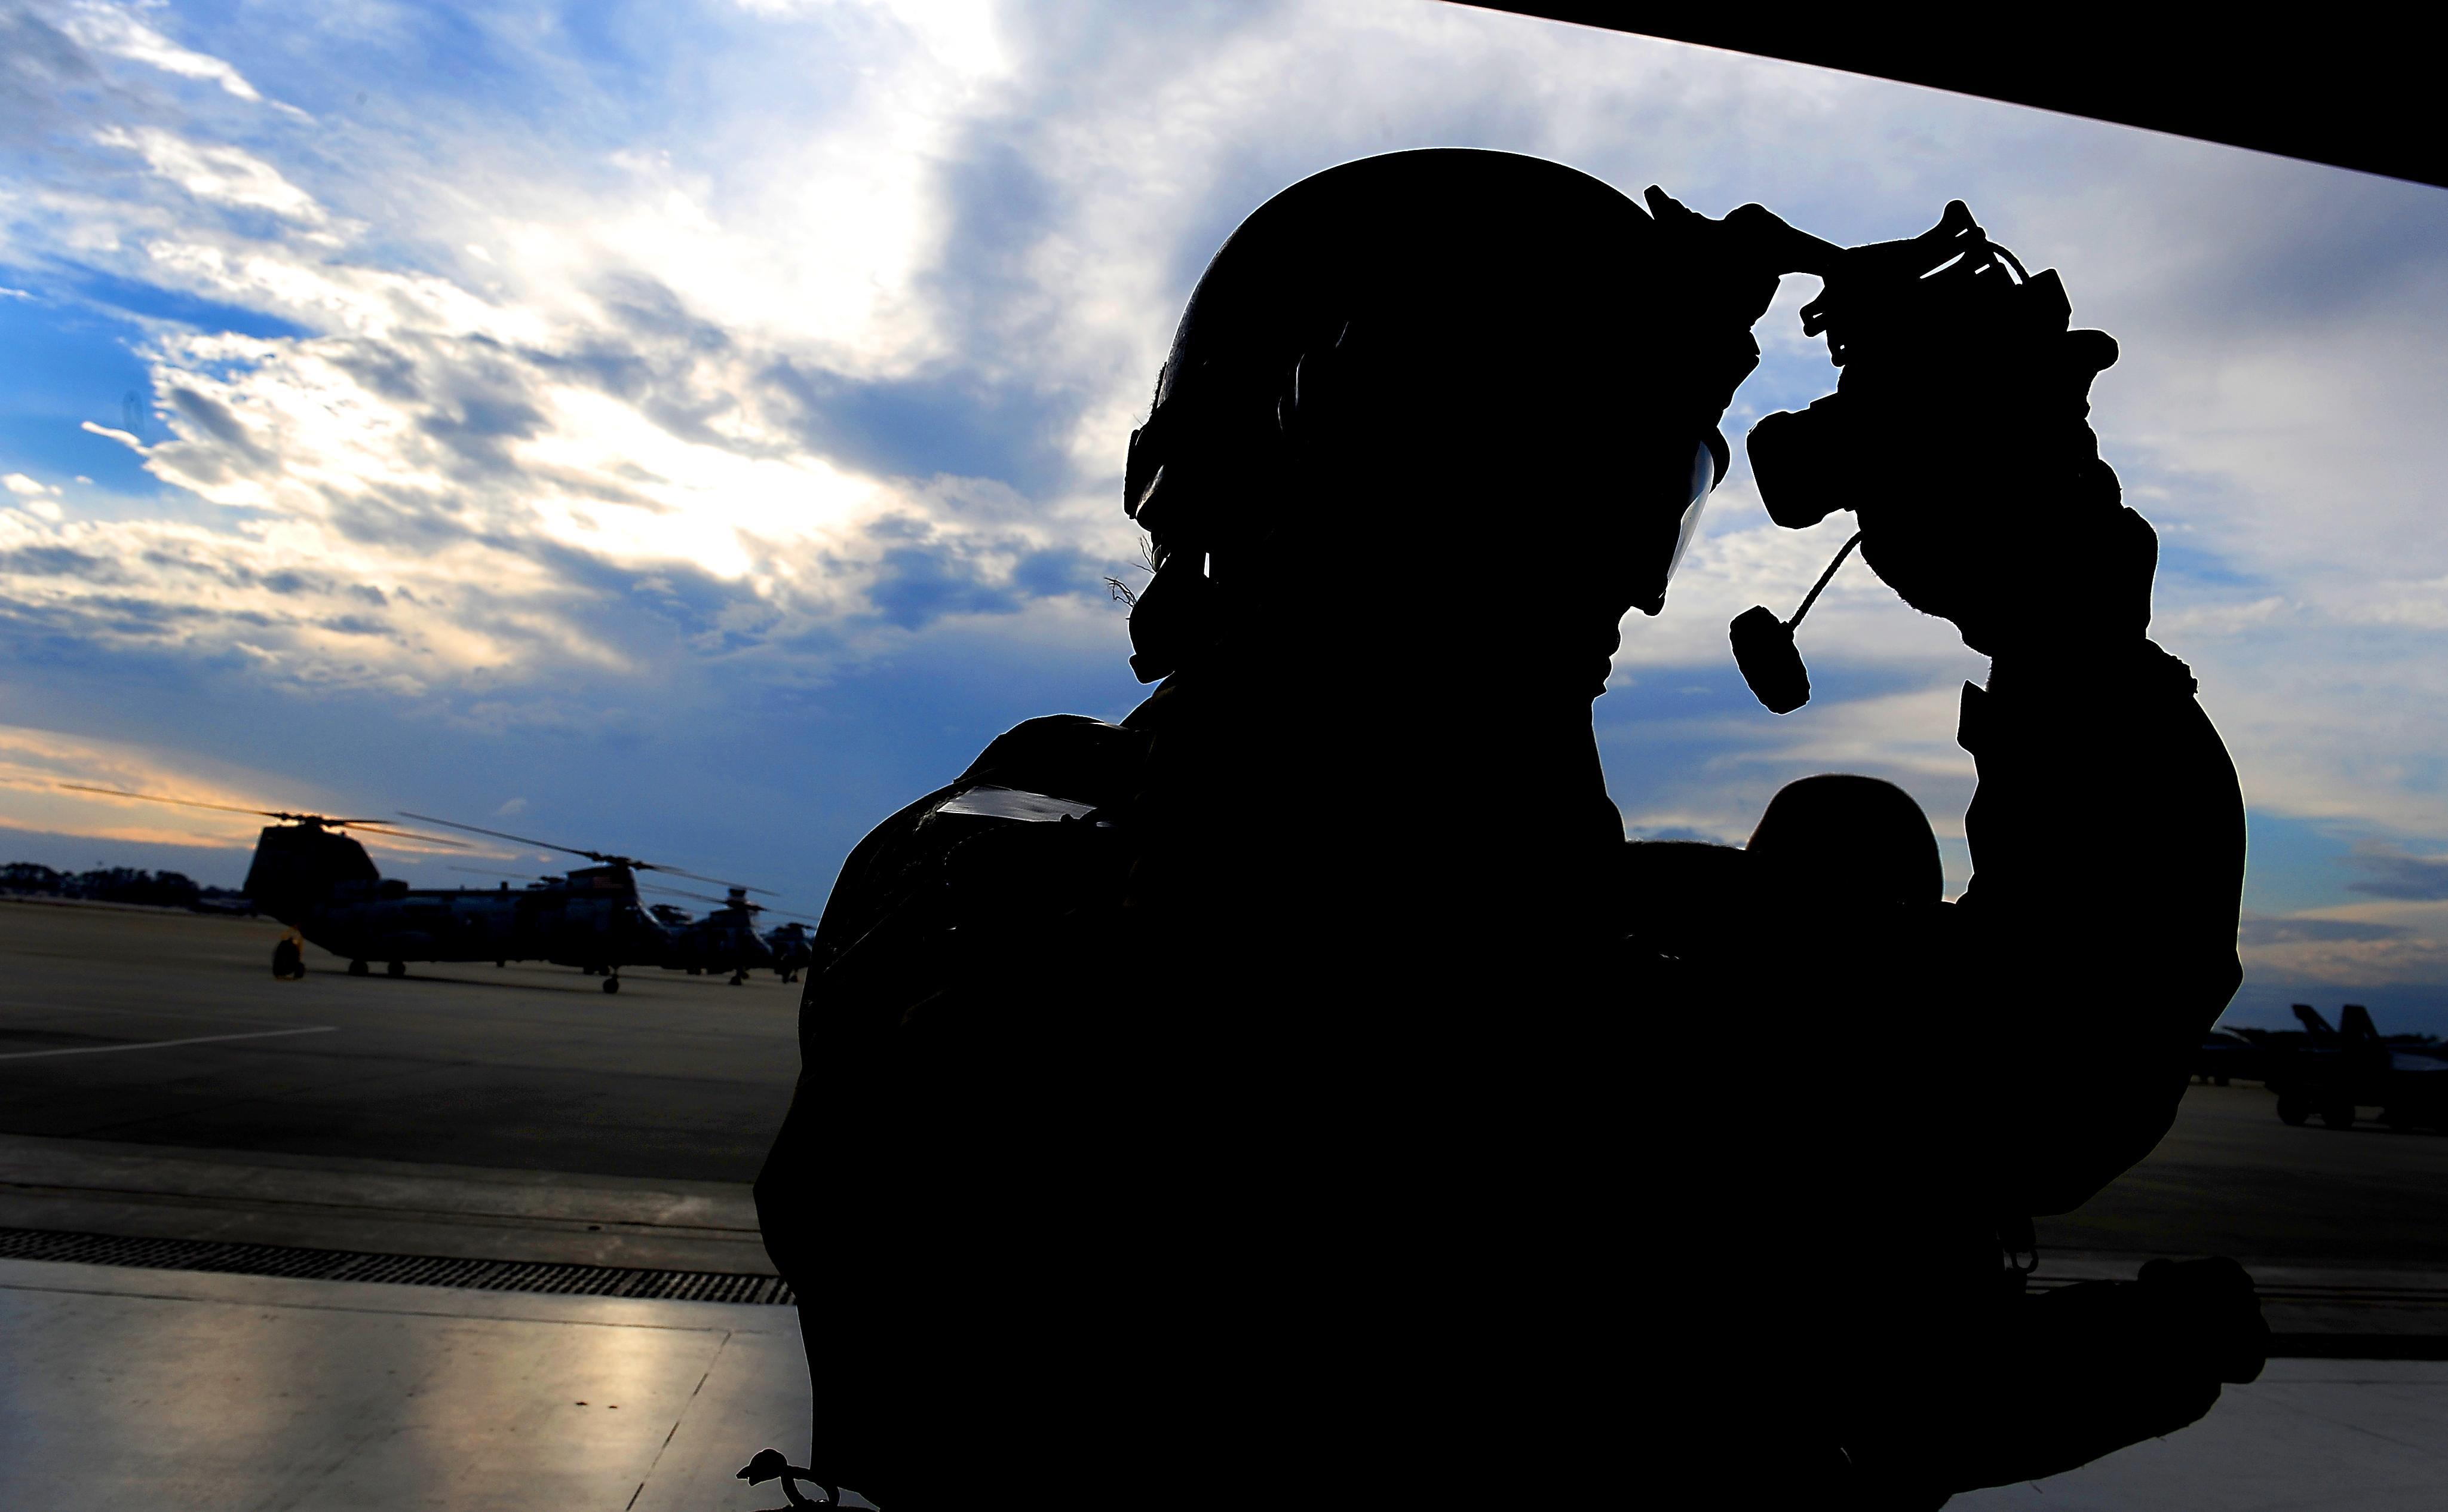 file defense gov photo essay f l jpg file defense gov photo essay 100309 f 0623l 123 jpg